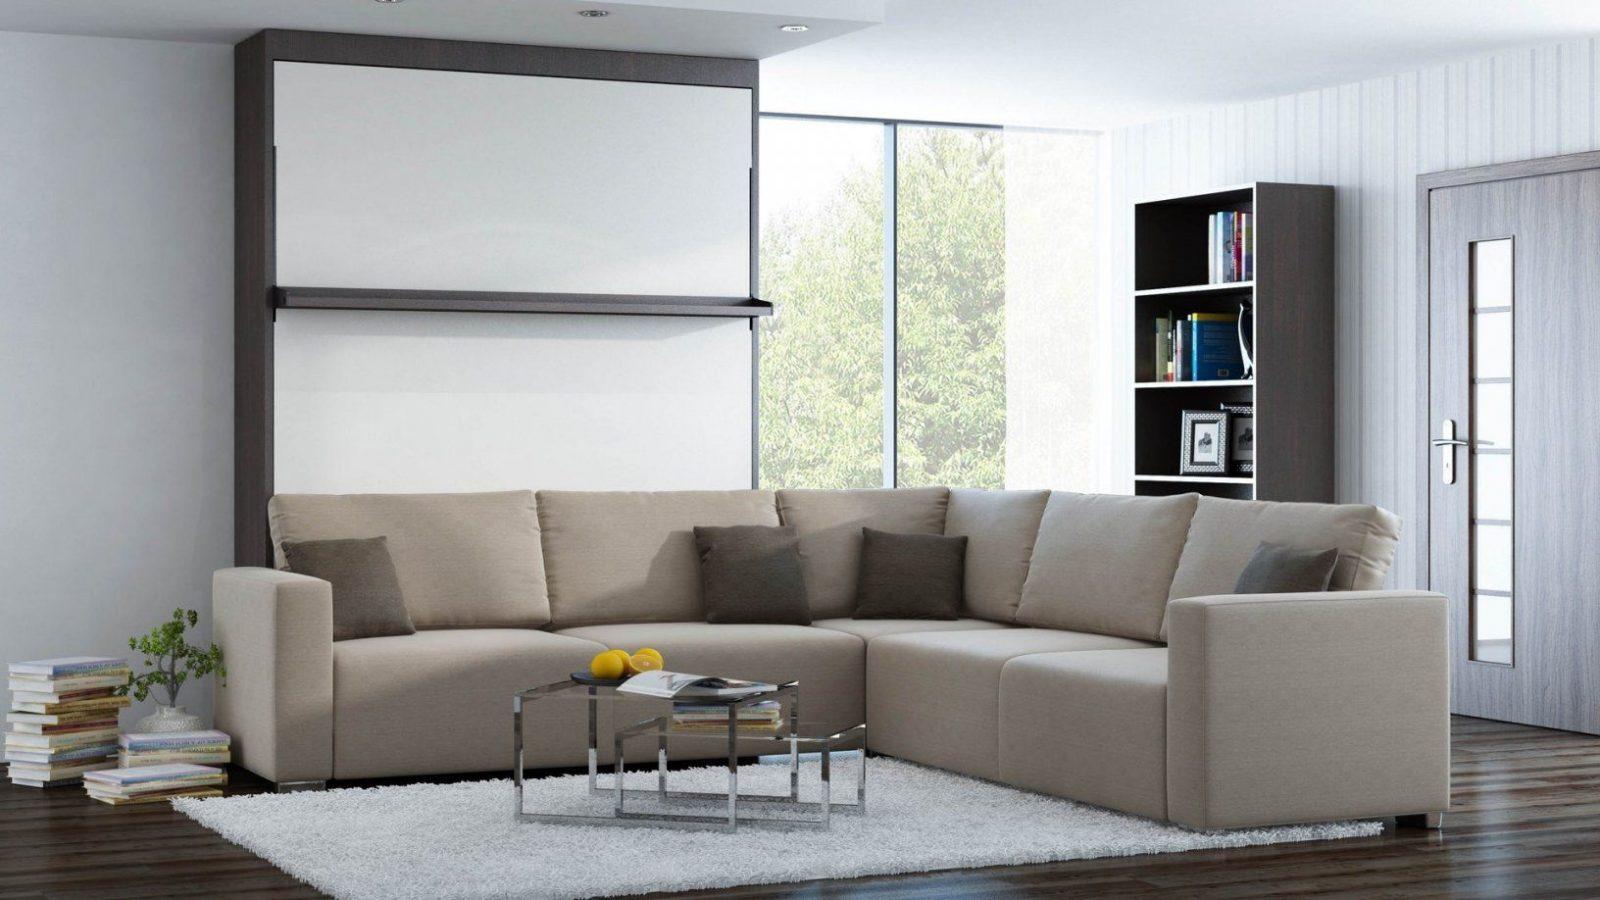 Sofa Ideen Elegant Schrankbett Mit Sofa Wien Schick Schrankbett von Schrankbett Mit Integriertem Sofa Photo